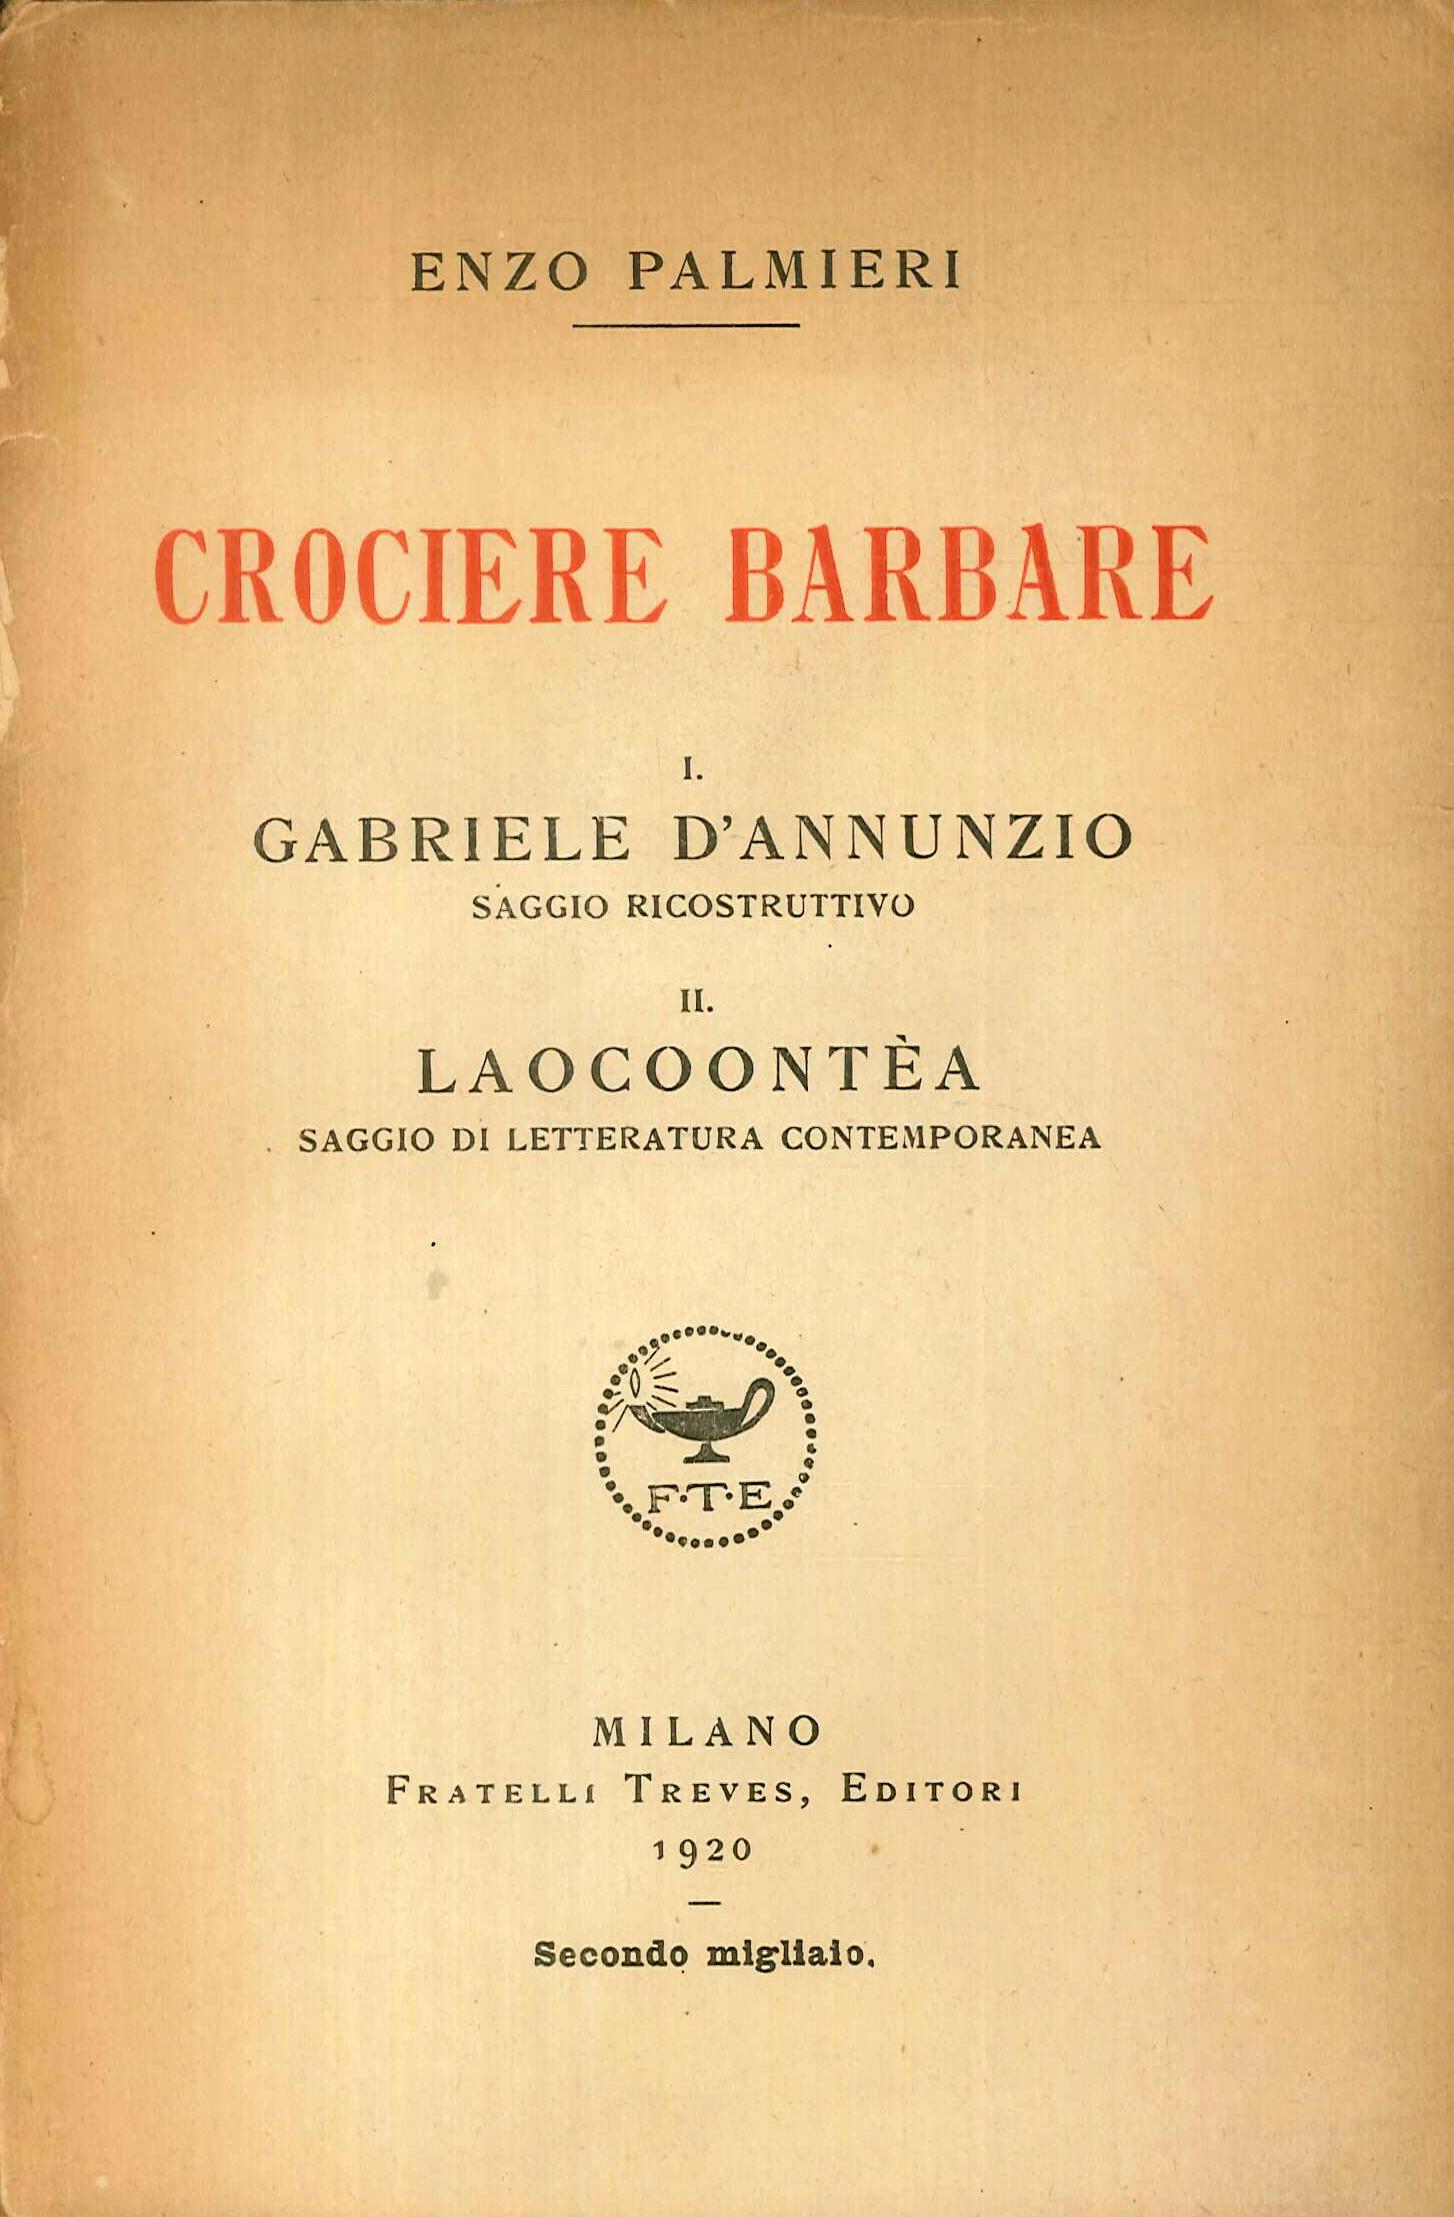 Crociere Barbare. 1. Gabriele d'Annunzio, Saggio Ricostruttivo. 2. Laocontea, Saggio di Letteratura Contemporanea